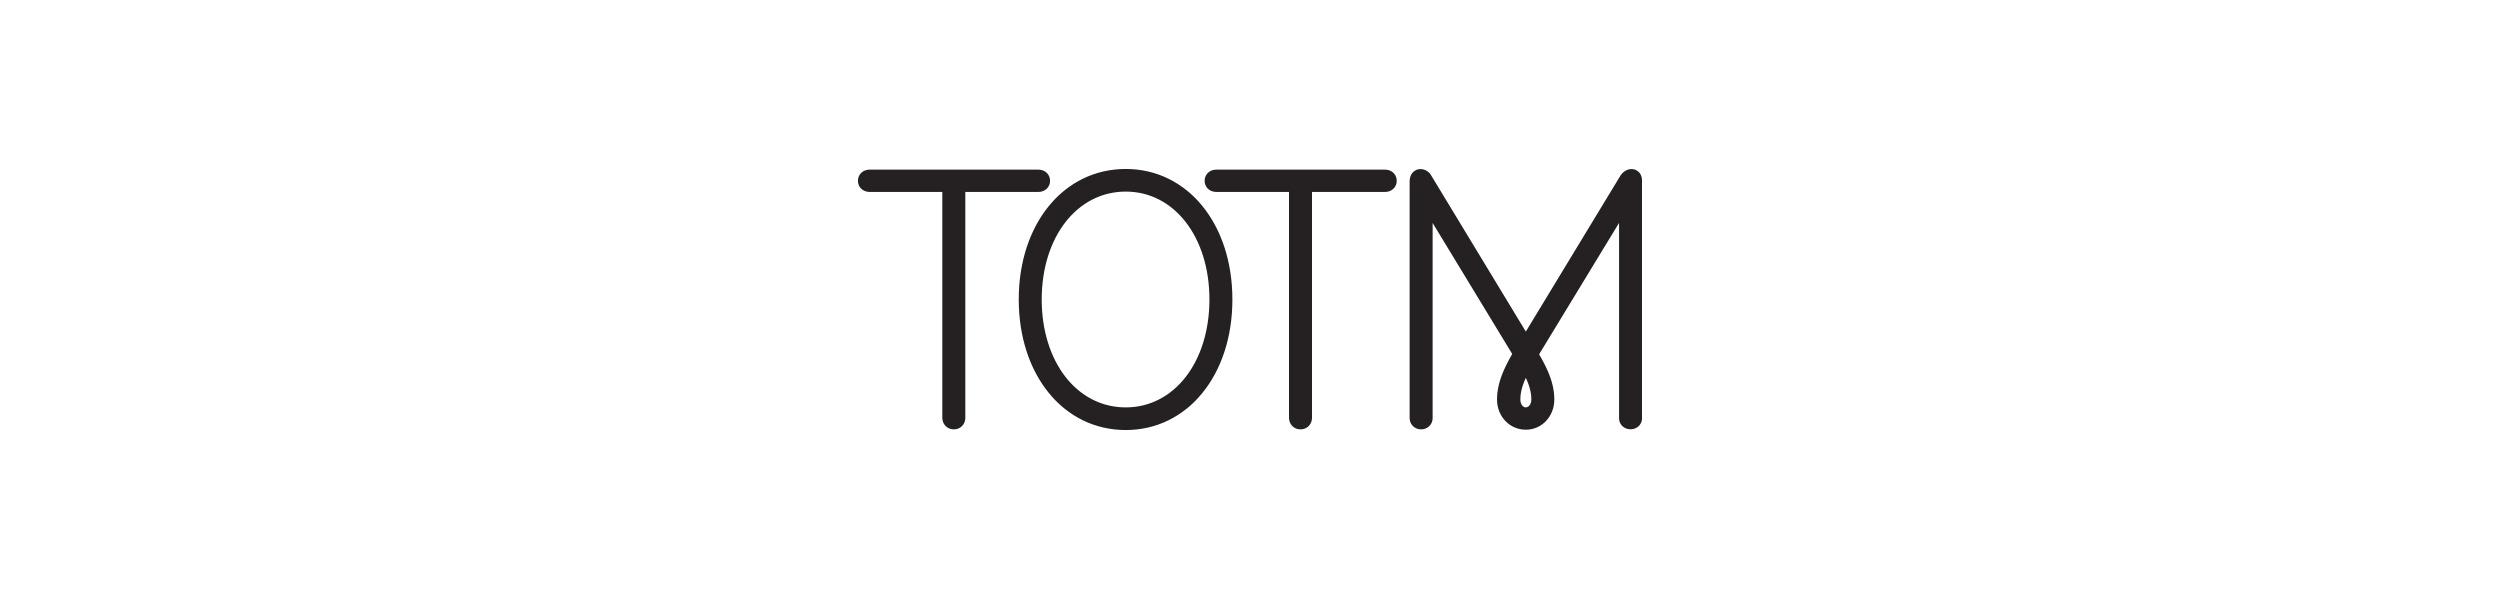 TOTM_logo_2500x600.jpg